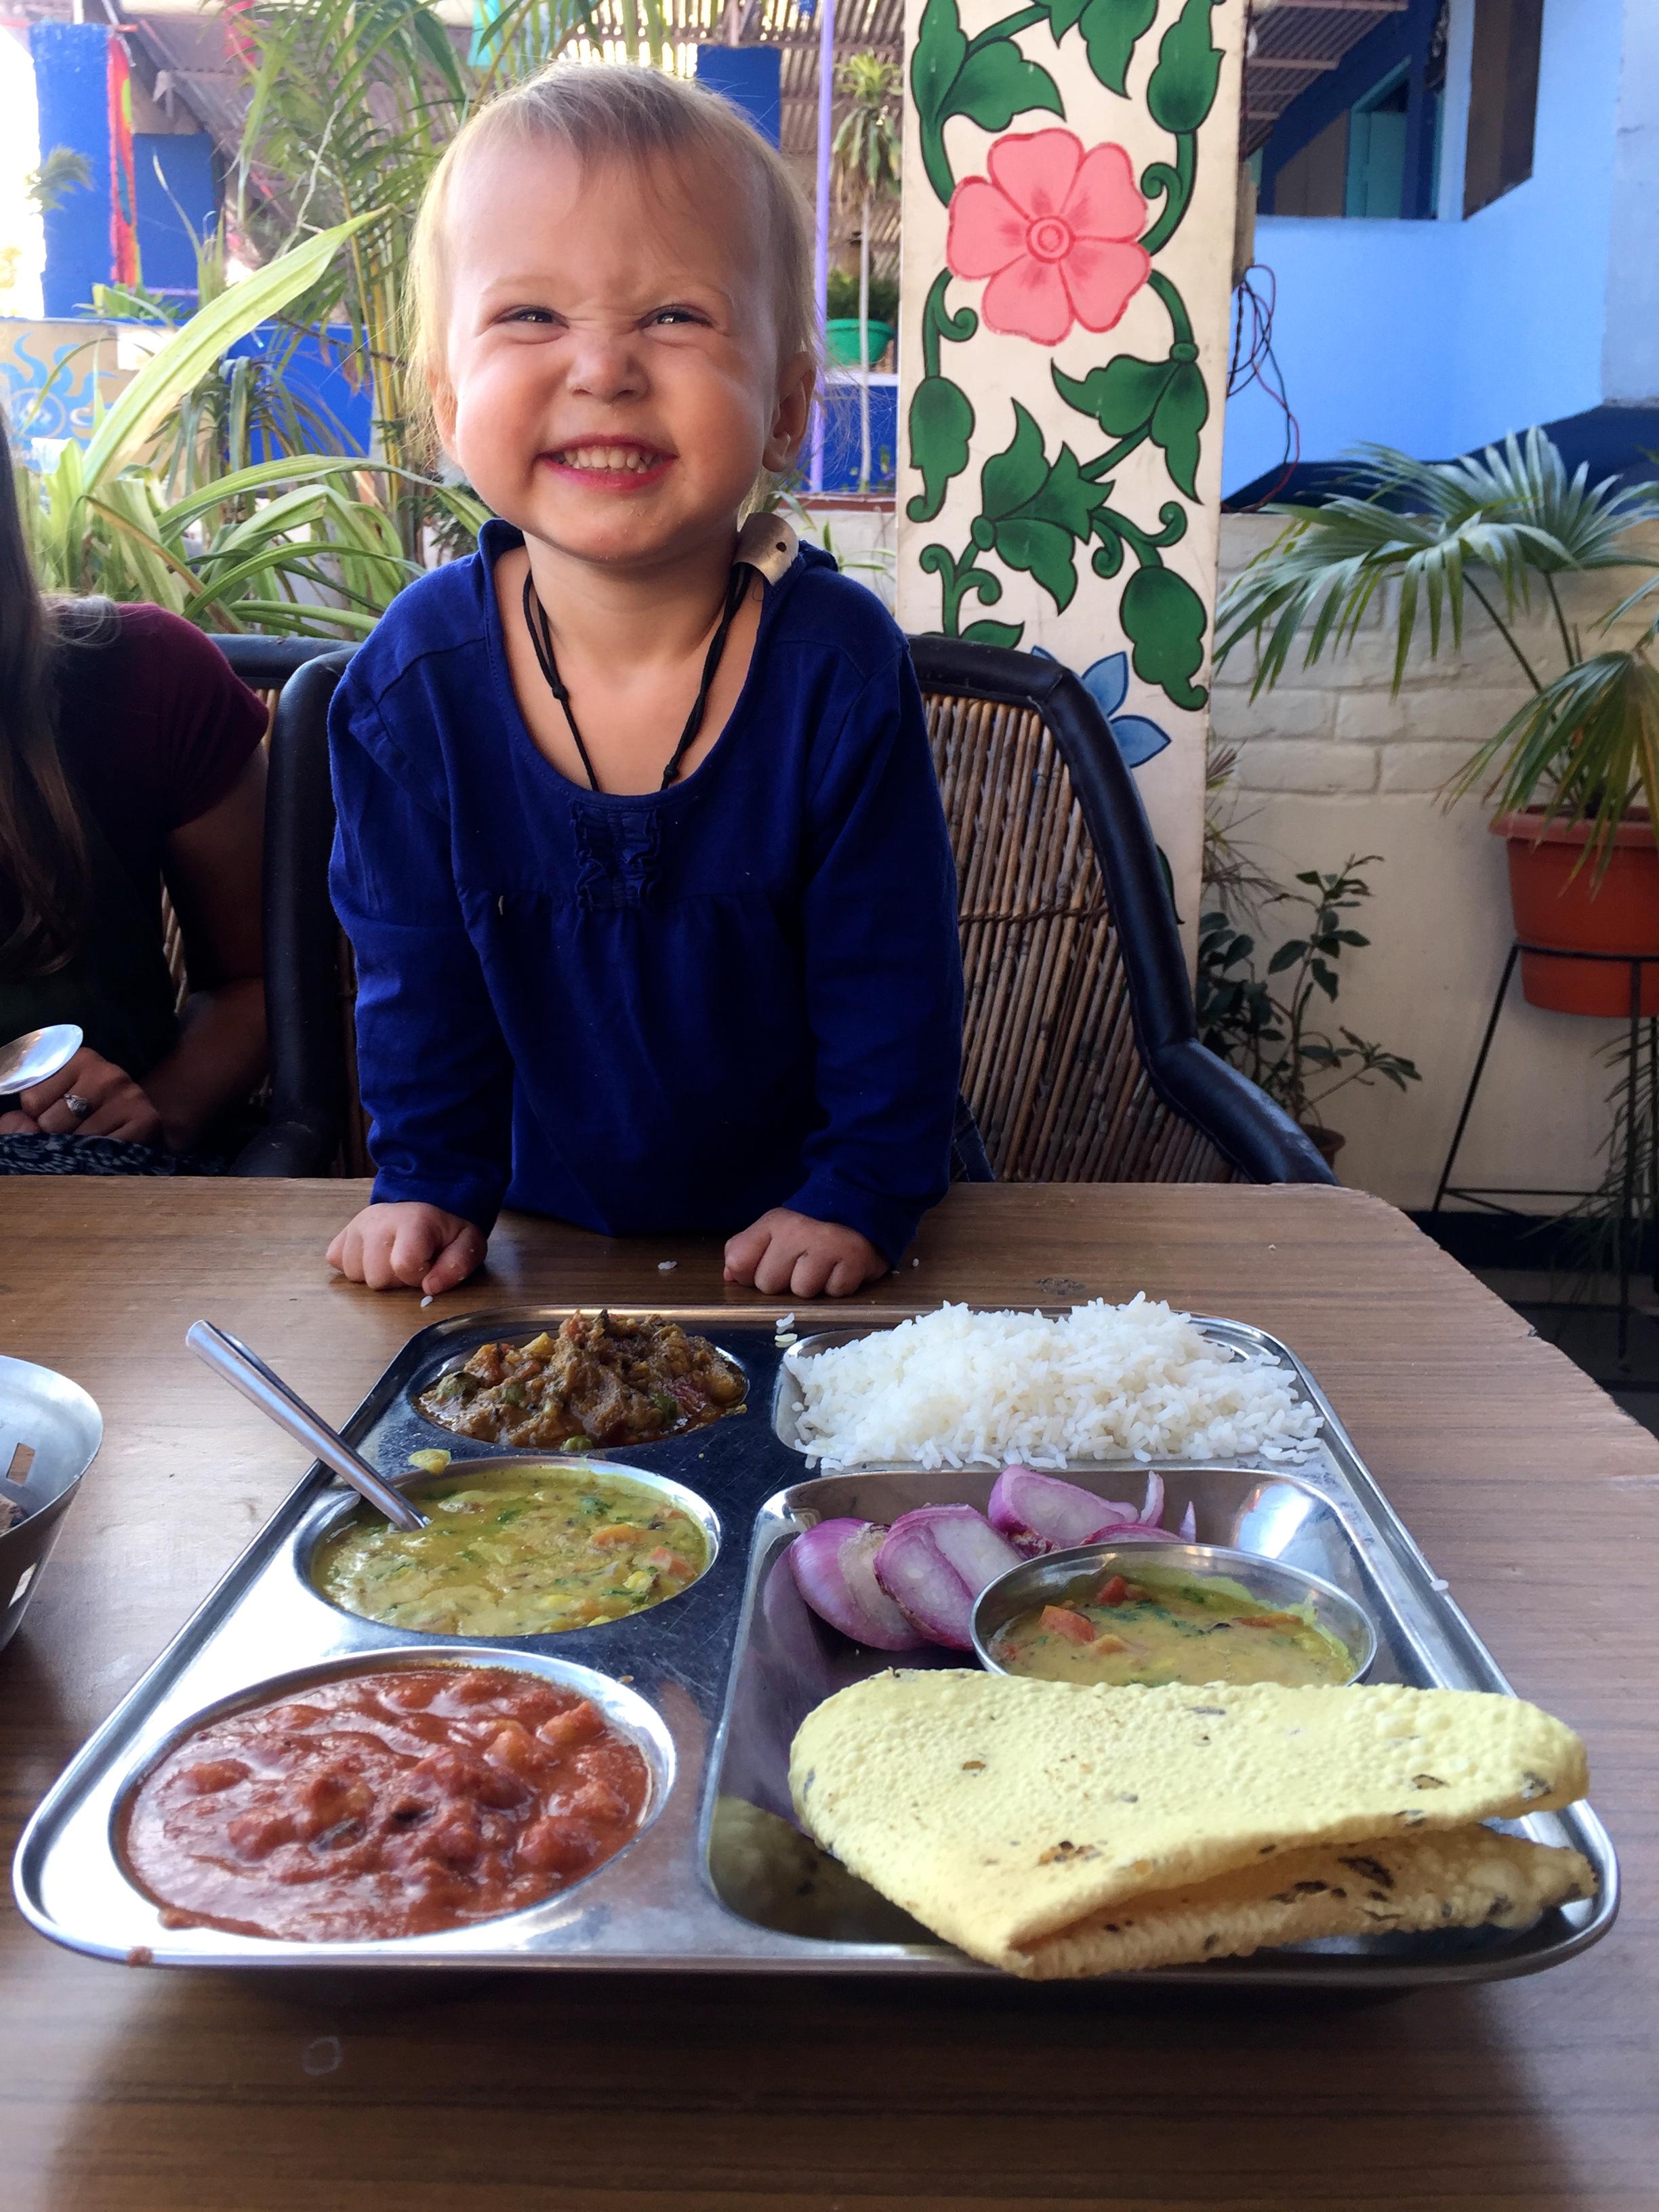 Indisches Essen und ein Kleinkind